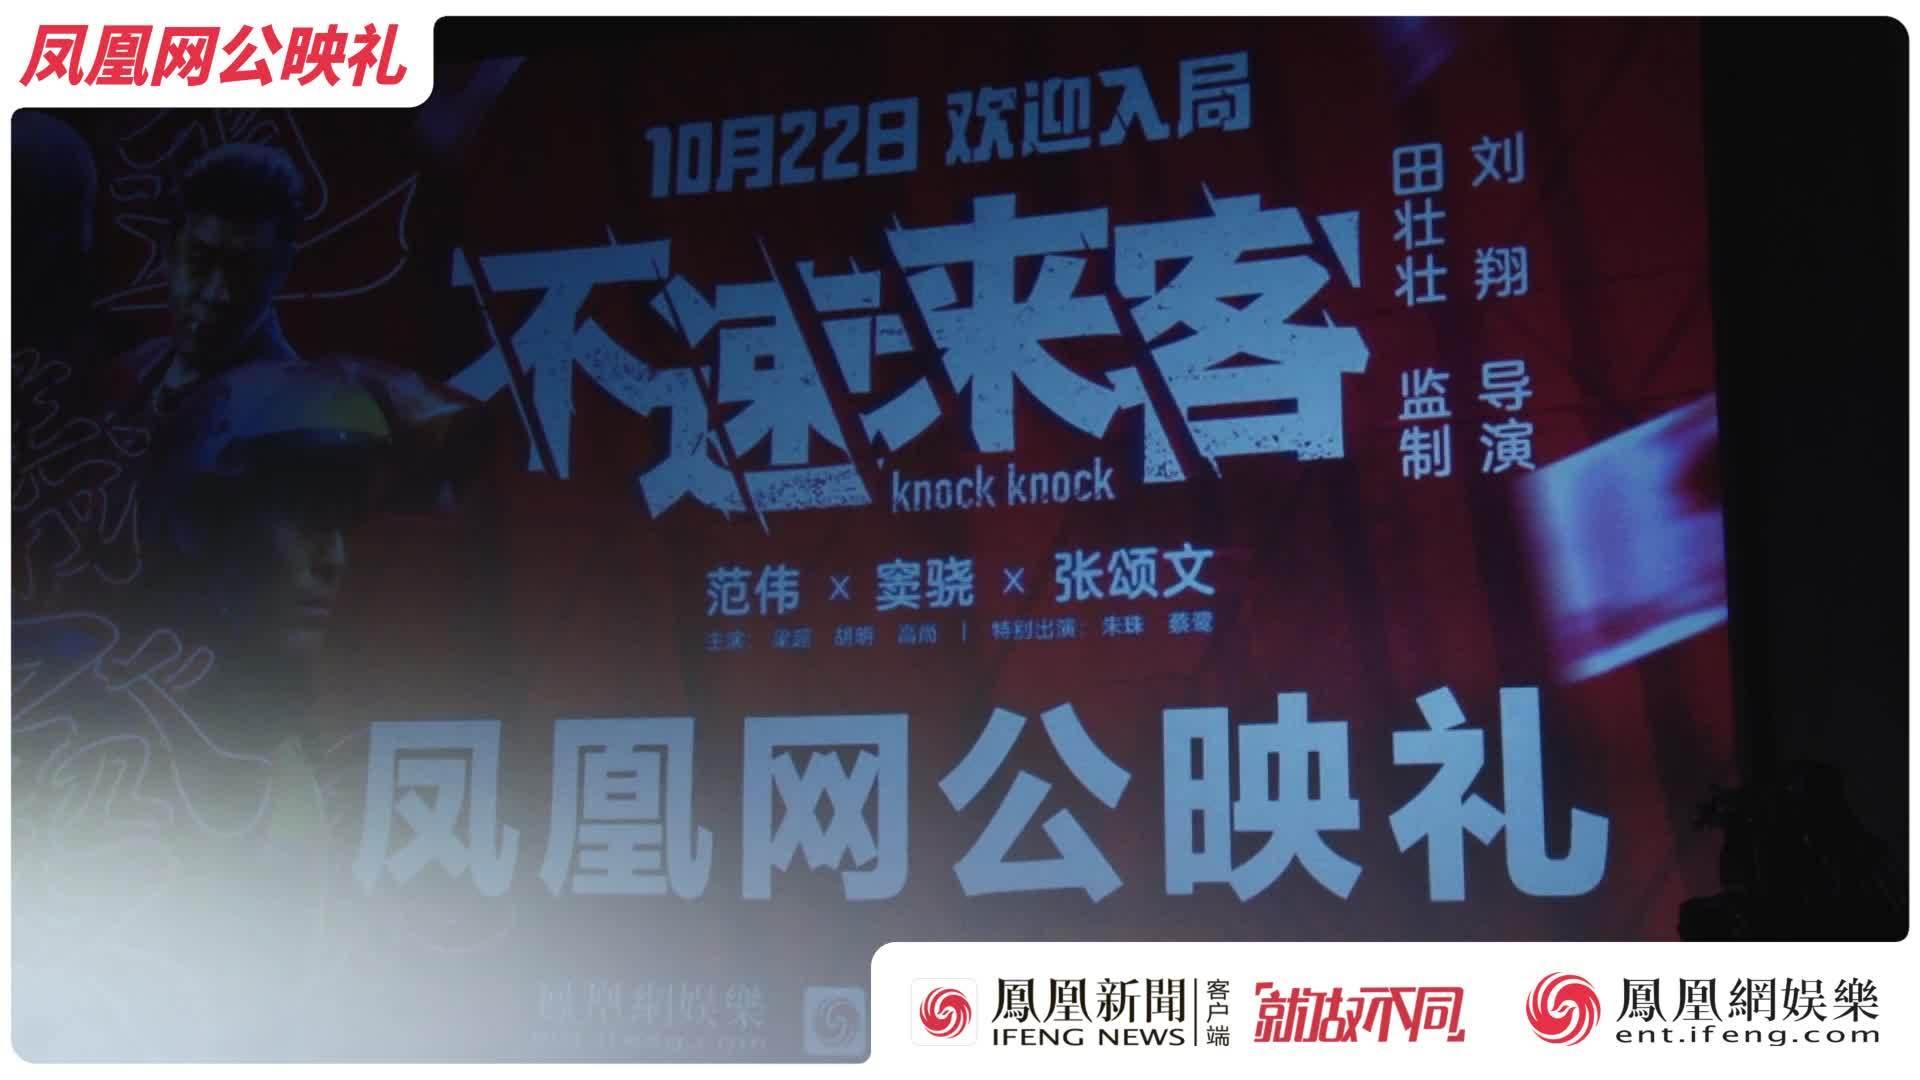 《不速来客》凤凰网公映礼:窦骁谈人物设计,结局高能反转